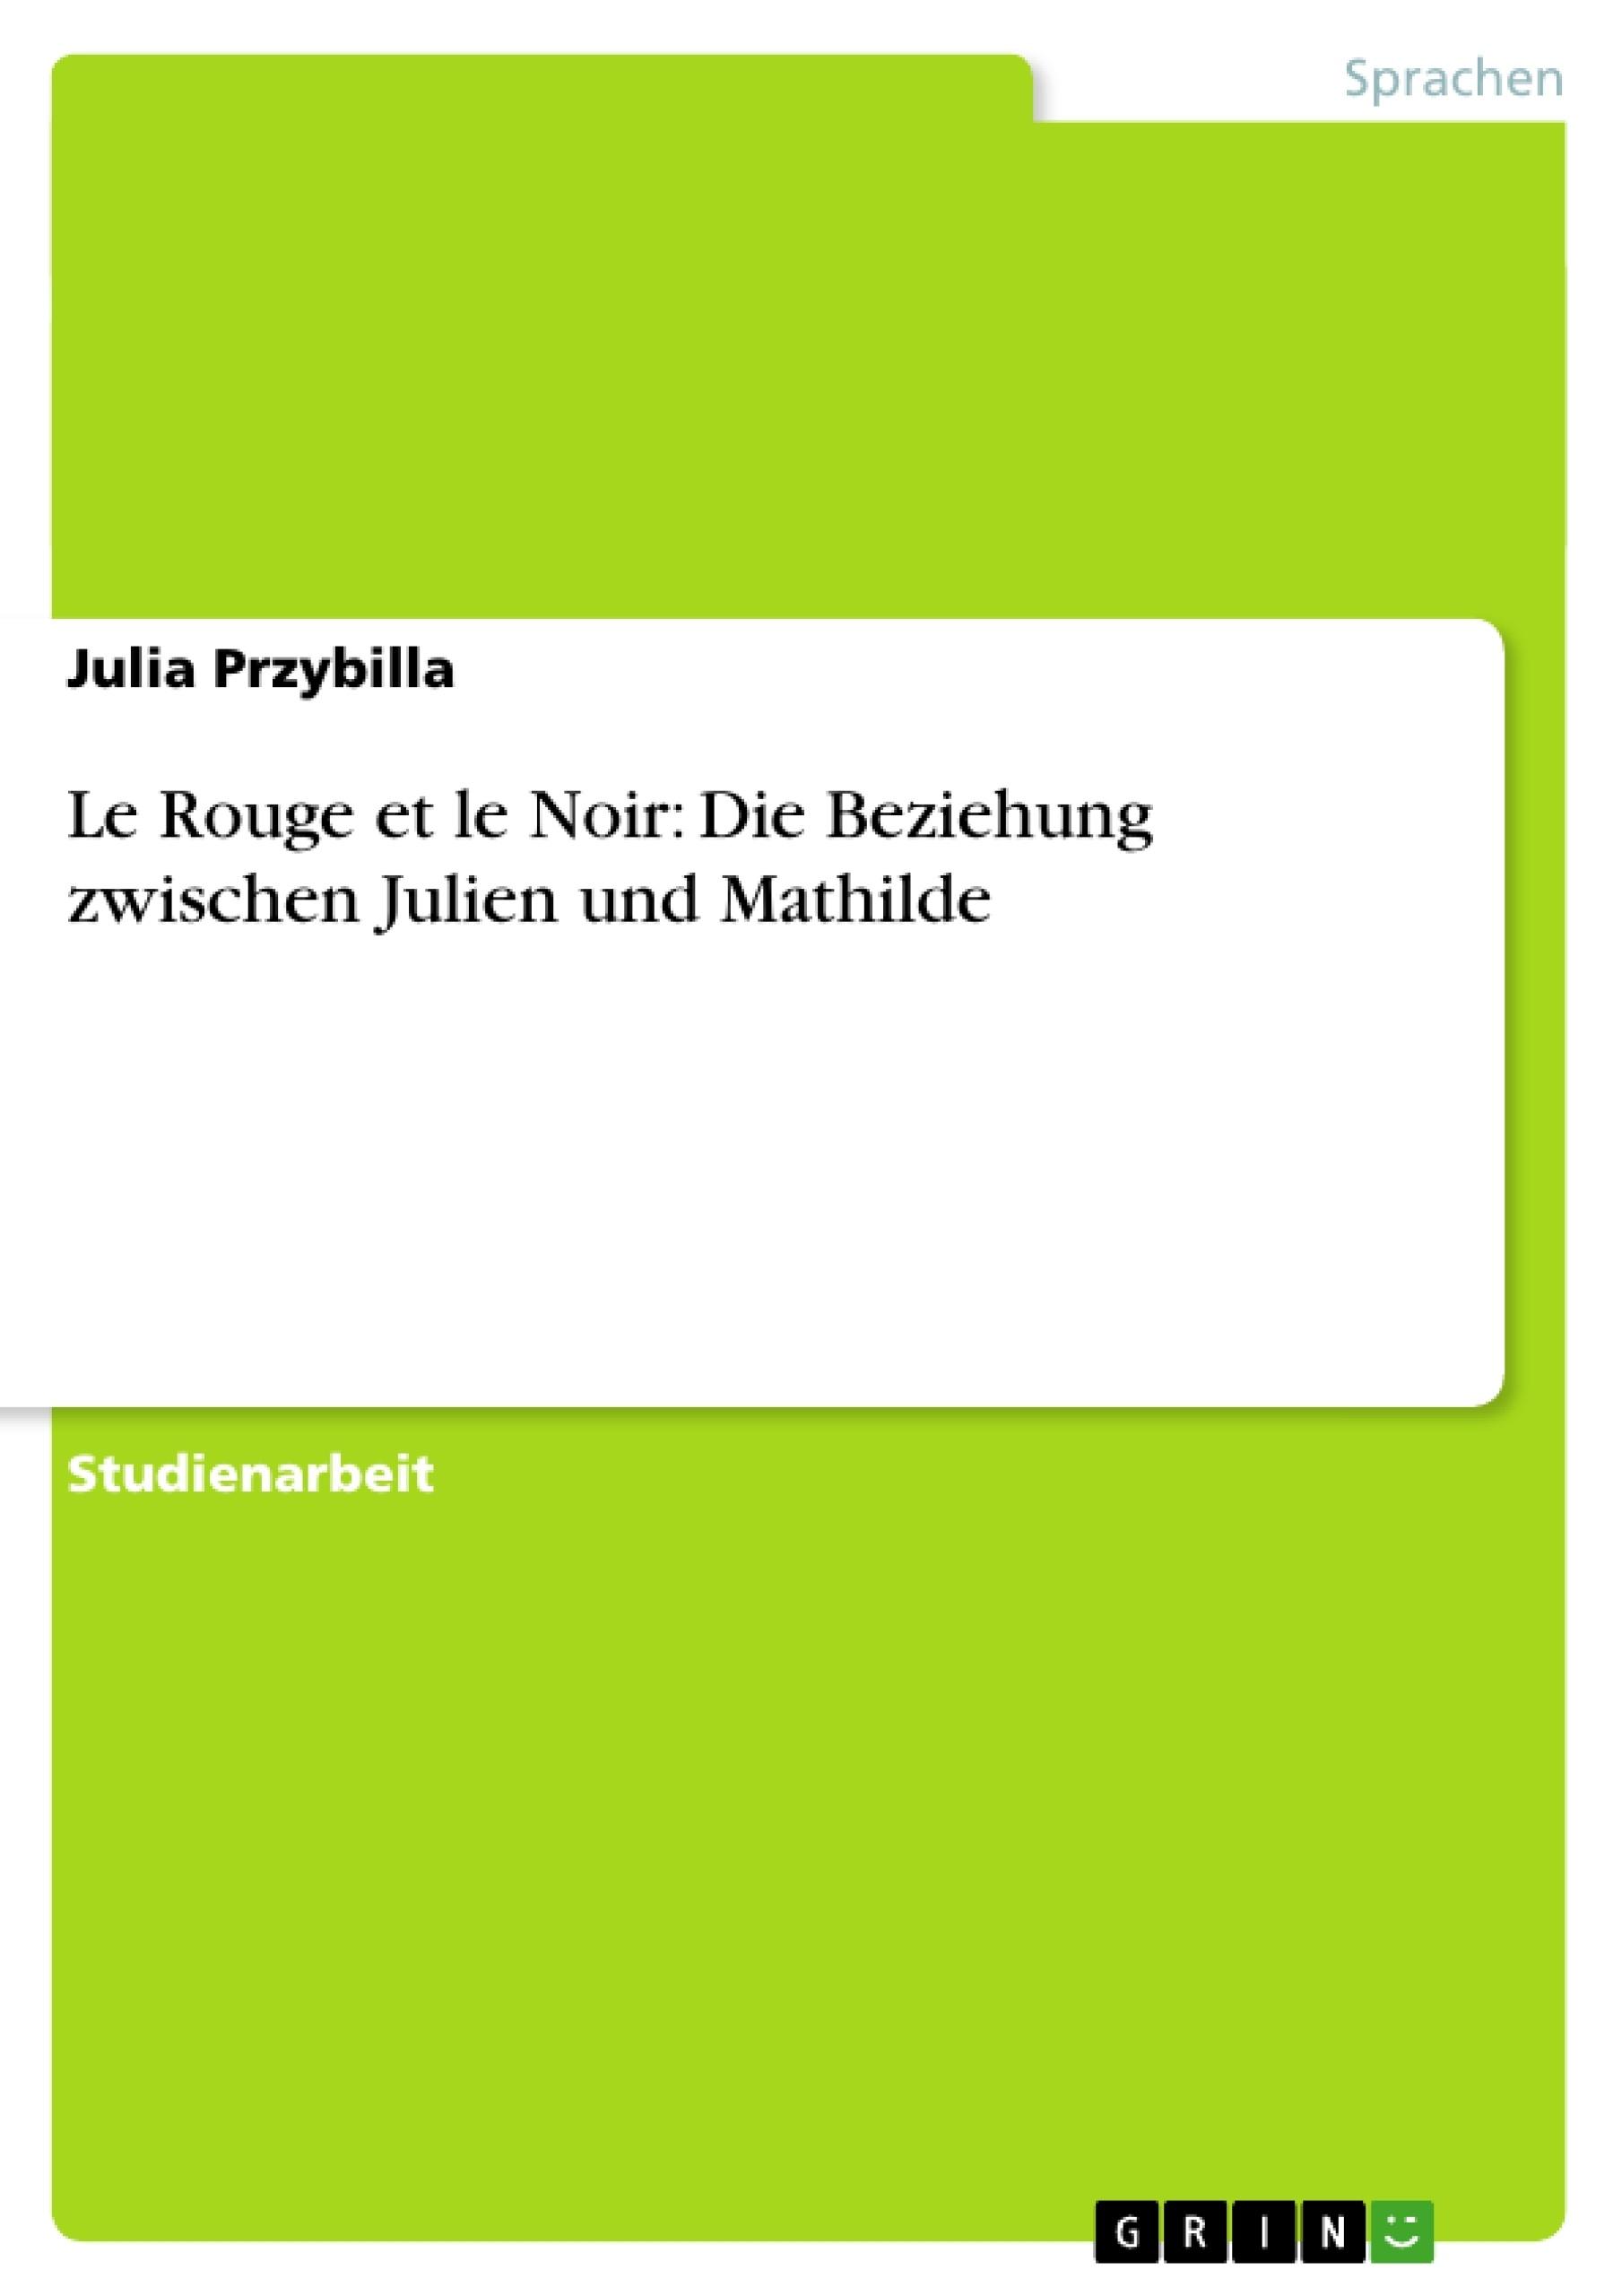 Titel: Le Rouge et le Noir: Die Beziehung zwischen Julien und Mathilde